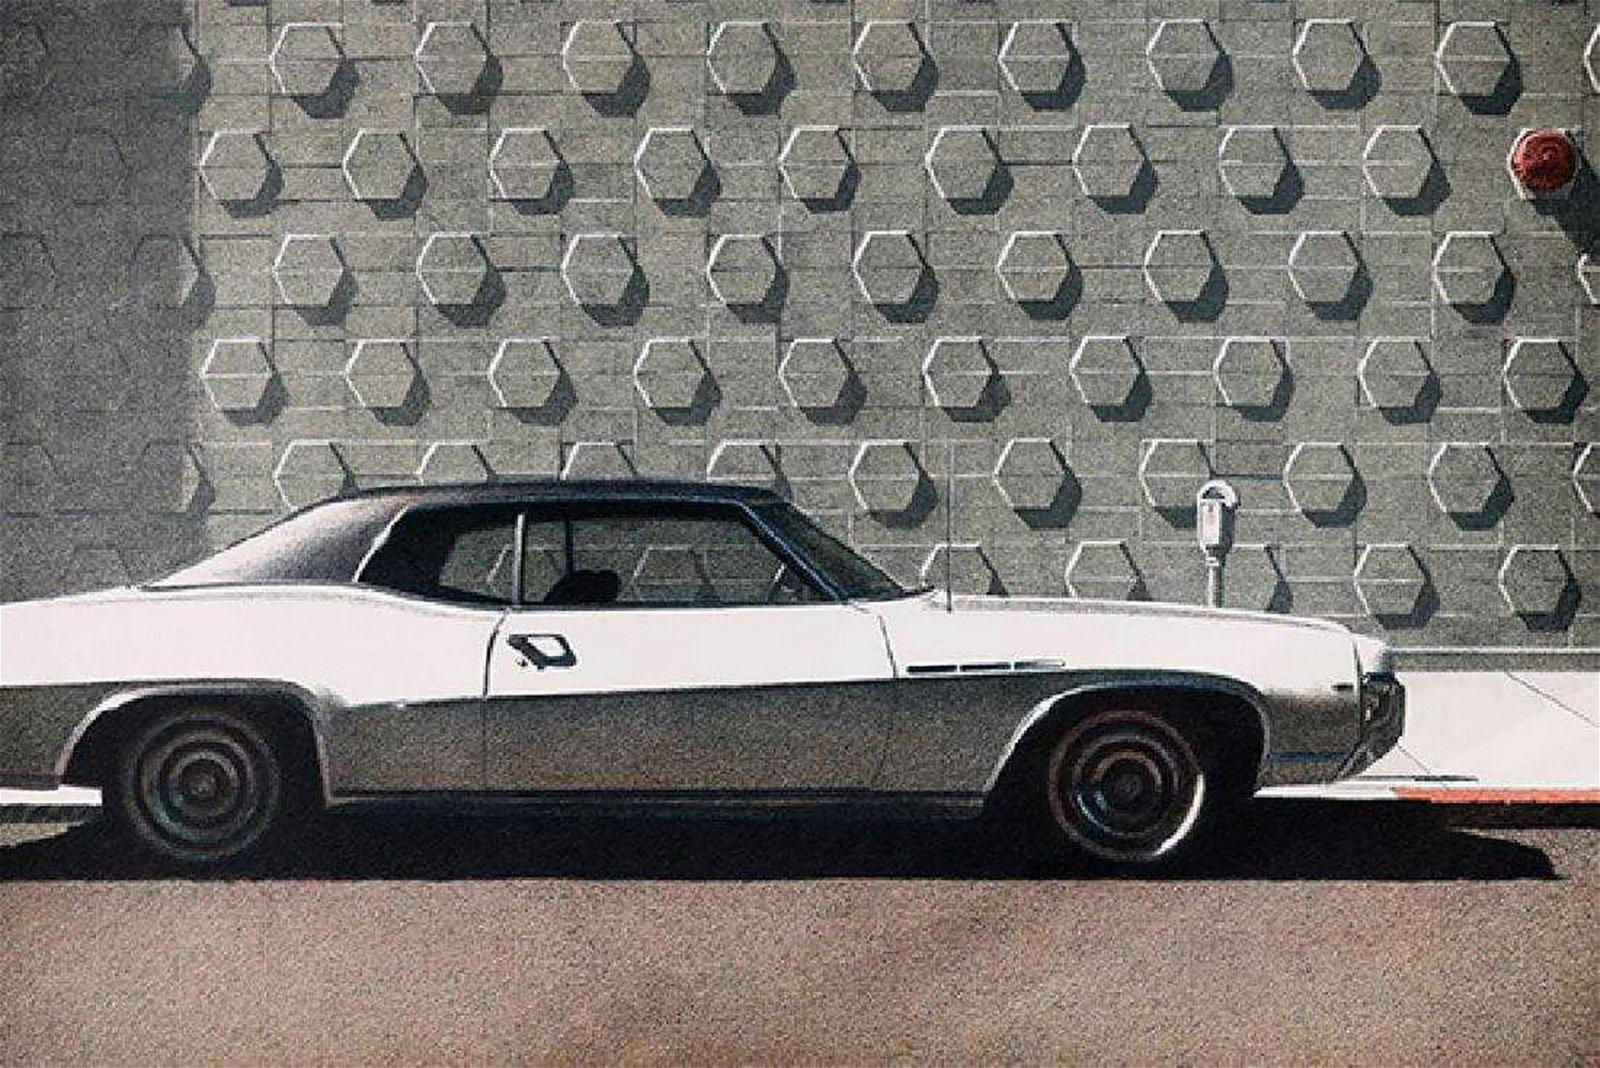 Robert Bechtle (American, b. 1932), Oakland Buick, 1975